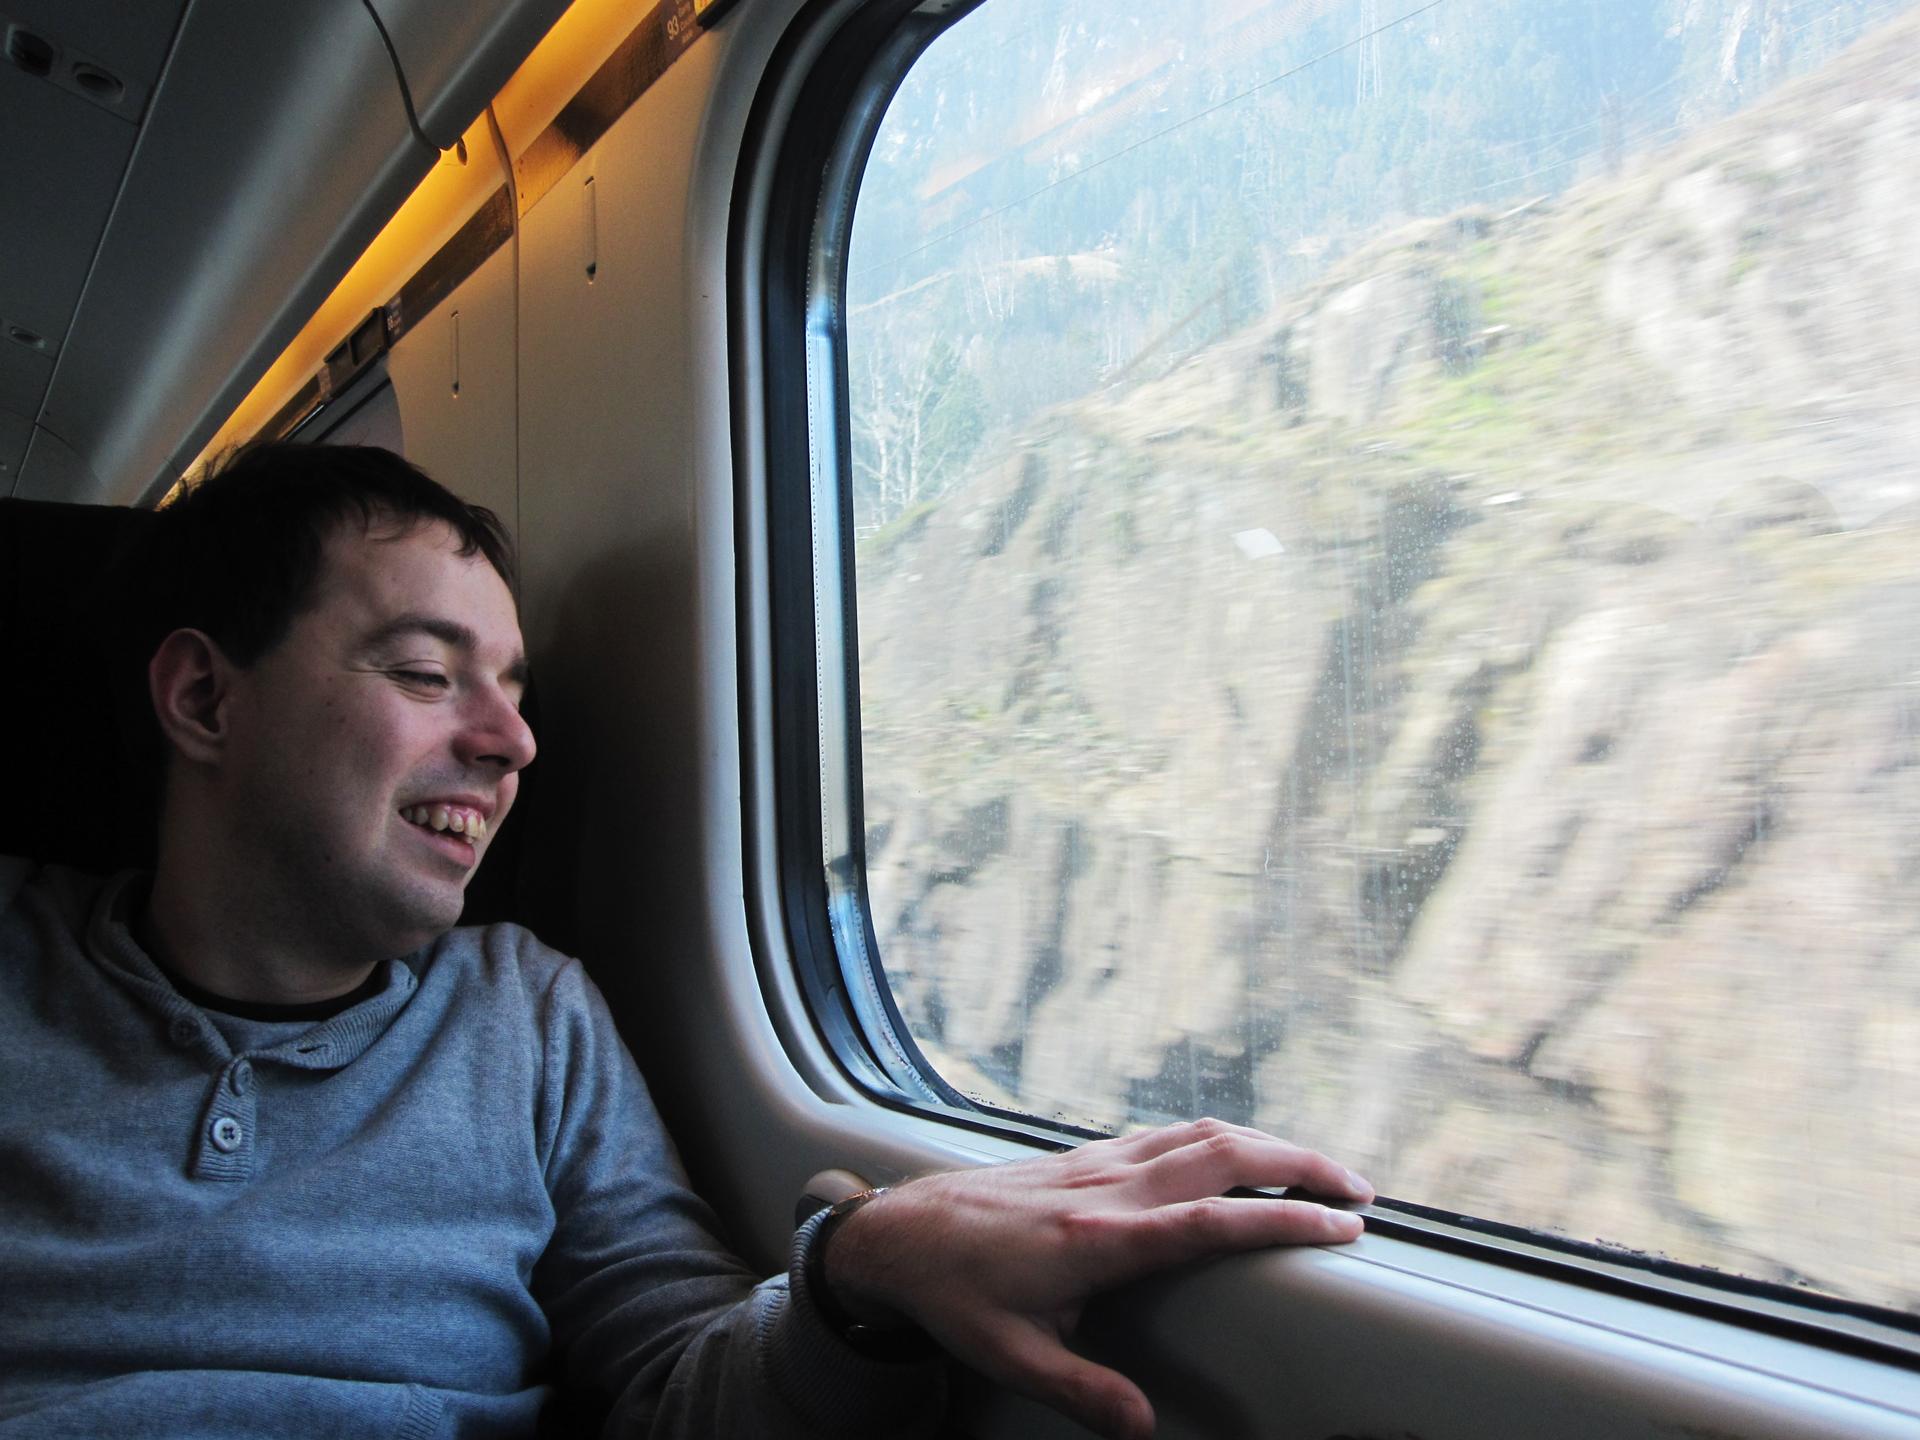 Portret autora bloga Filipa Zagończyka. Zdjęcie zrobione w pociągu, za oknami widać góry.